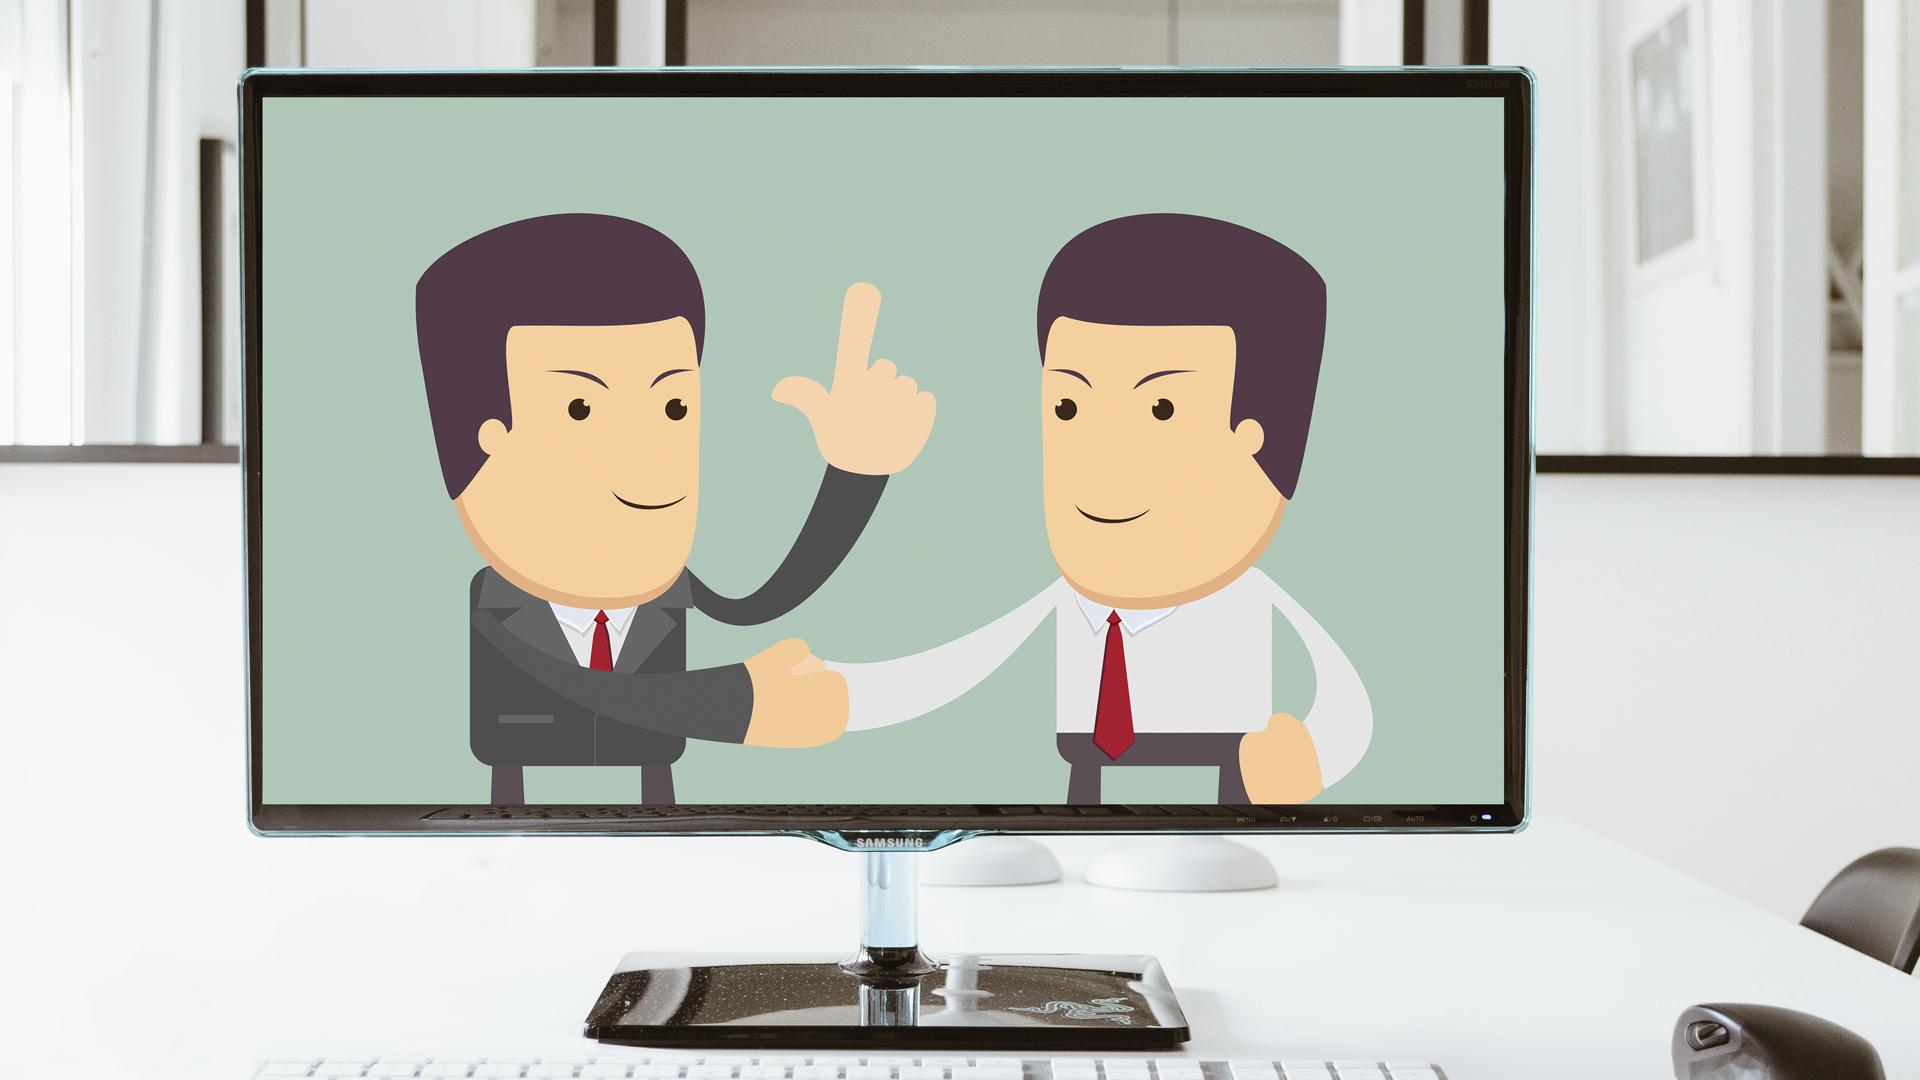 MGEMS Marketing - Video Animation